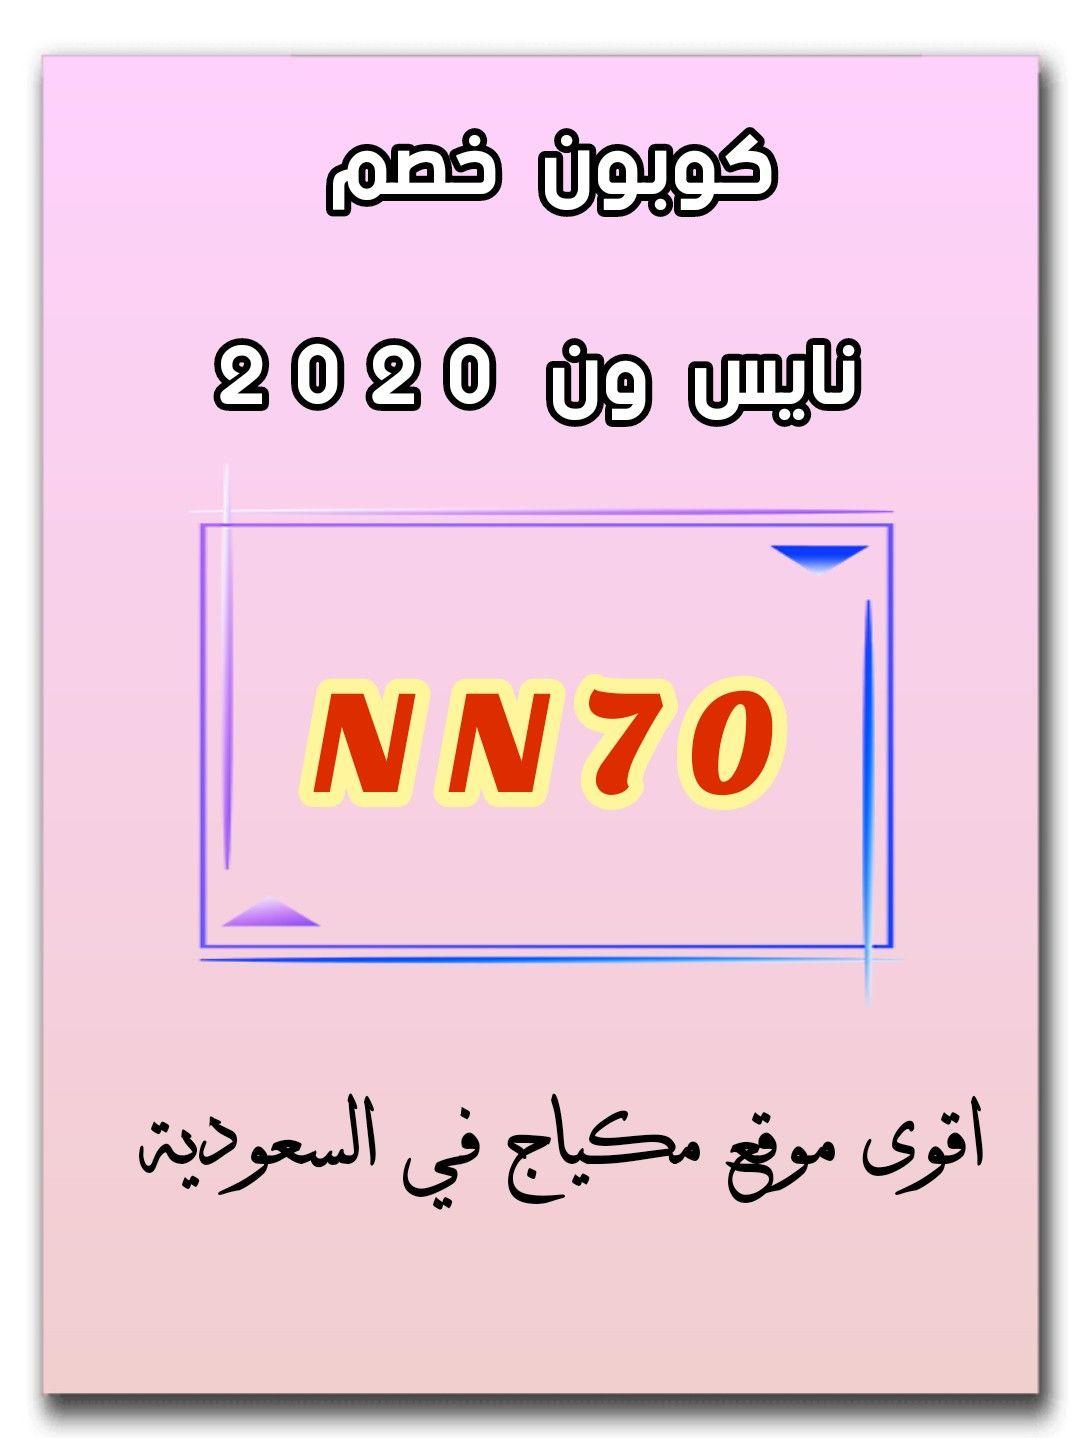 كوبون خصم نايس ون 2020 Uggs Day